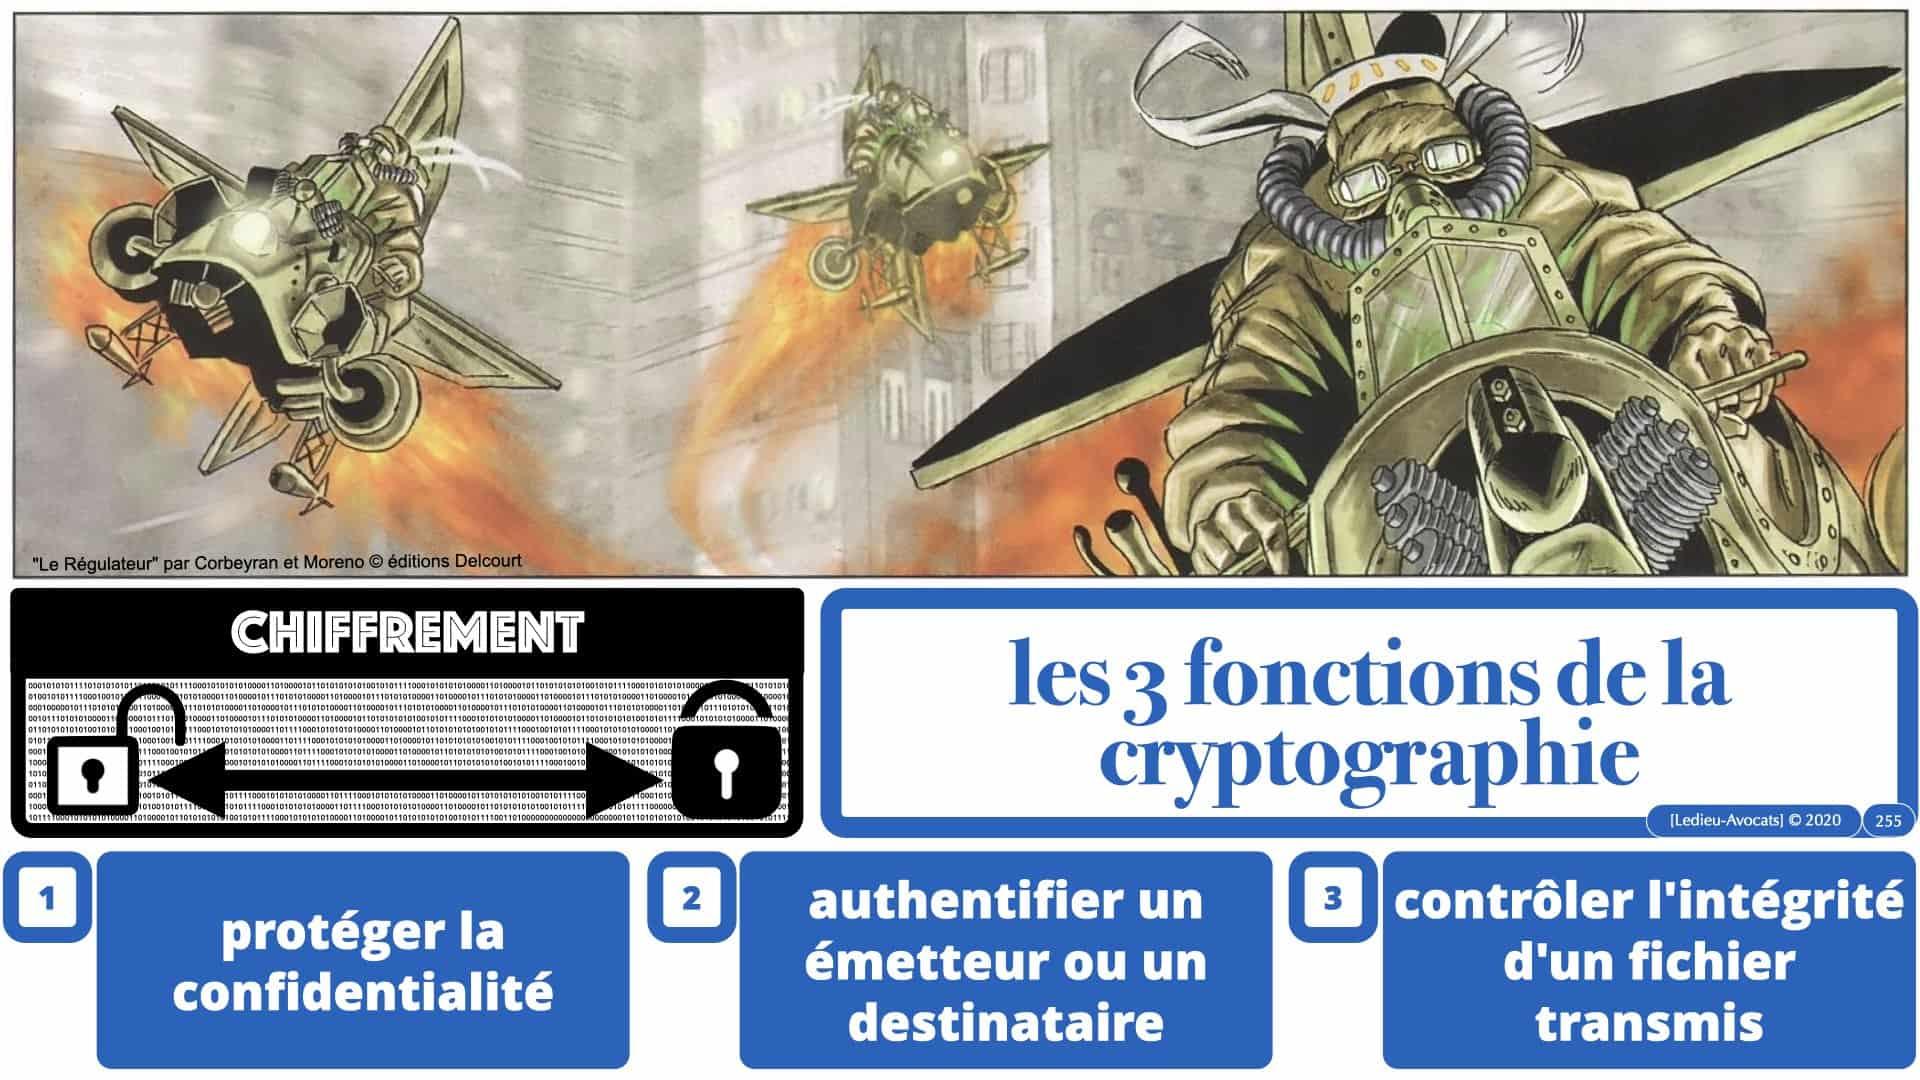 RGPD e-Privacy données personnelles jurisprudence formation Lamy Les Echos 10-02-2021 ©Ledieu-Avocats.255